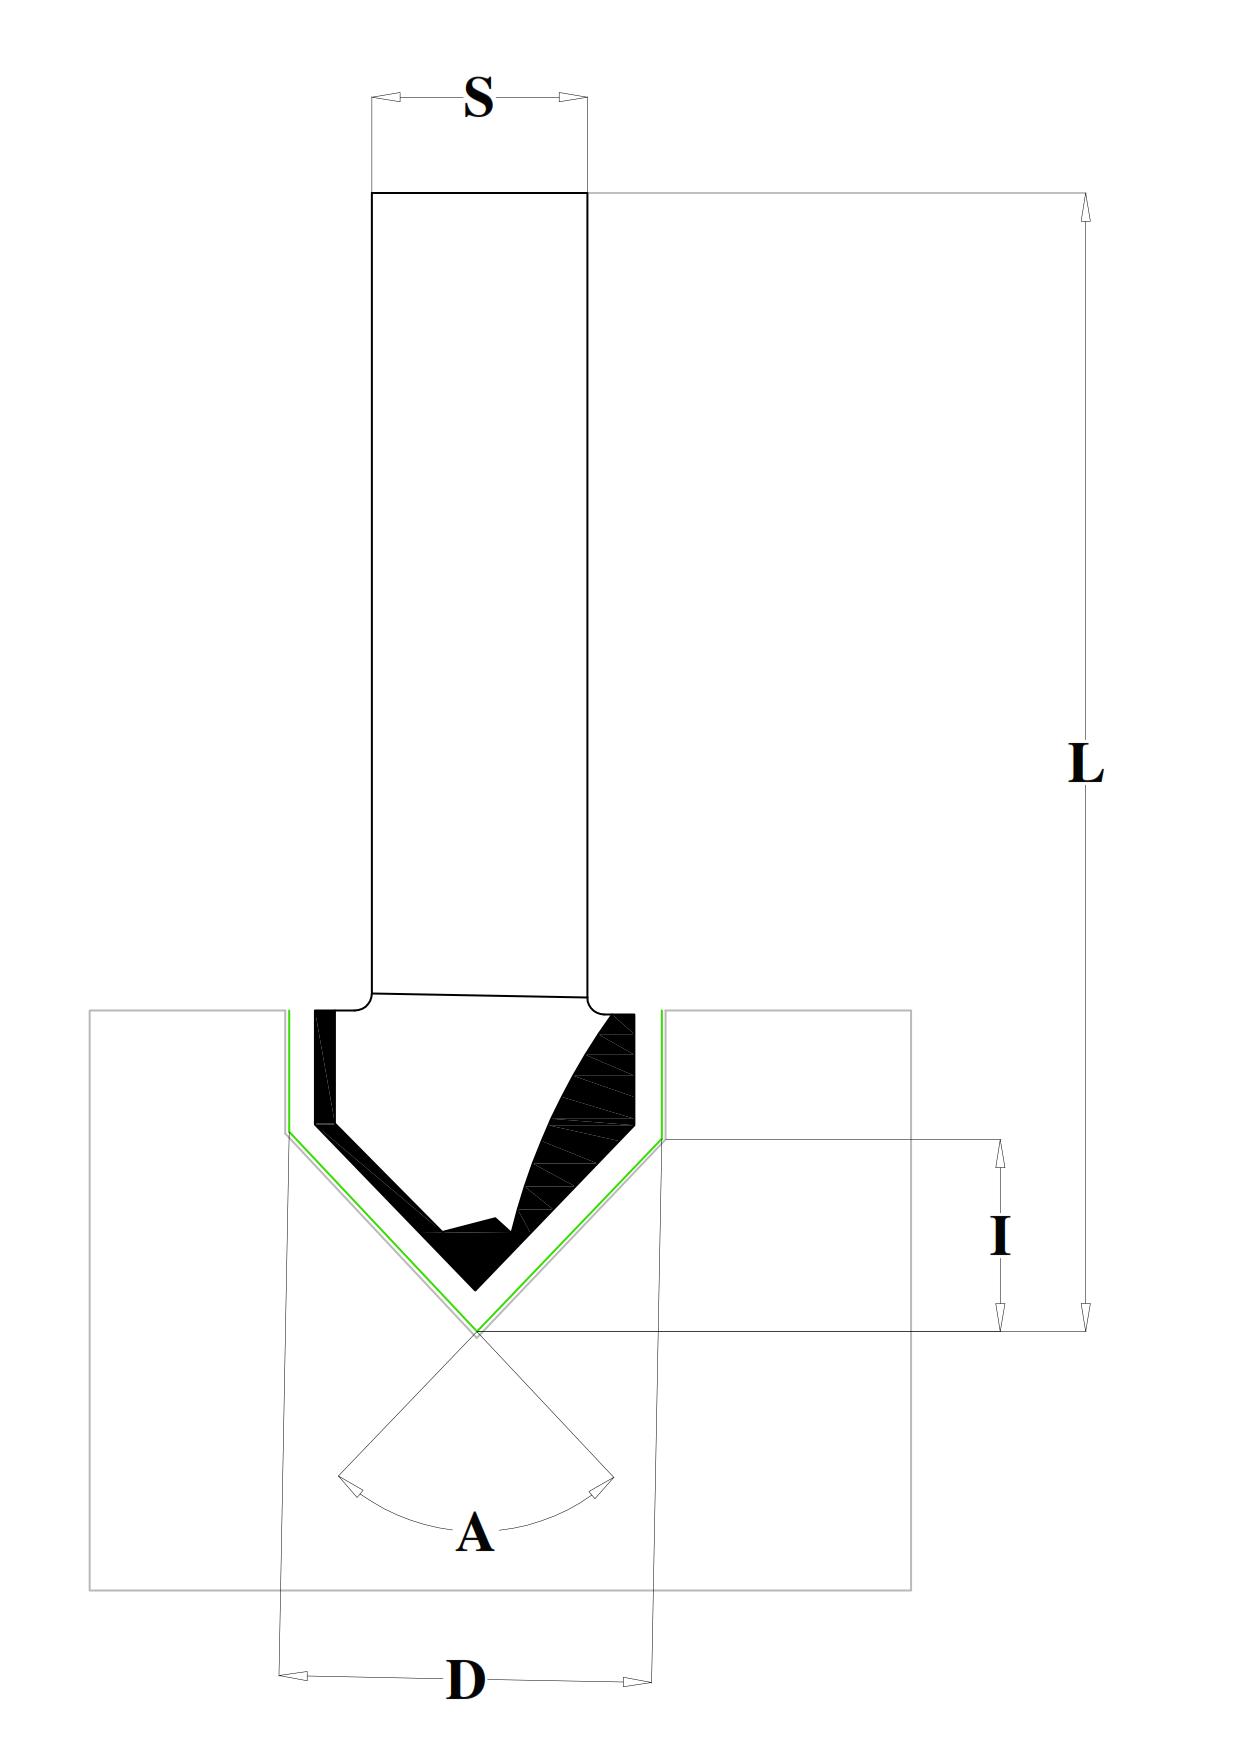 Fraiser FR.209 - Fresa per intagli a 90° - disegno tecnico